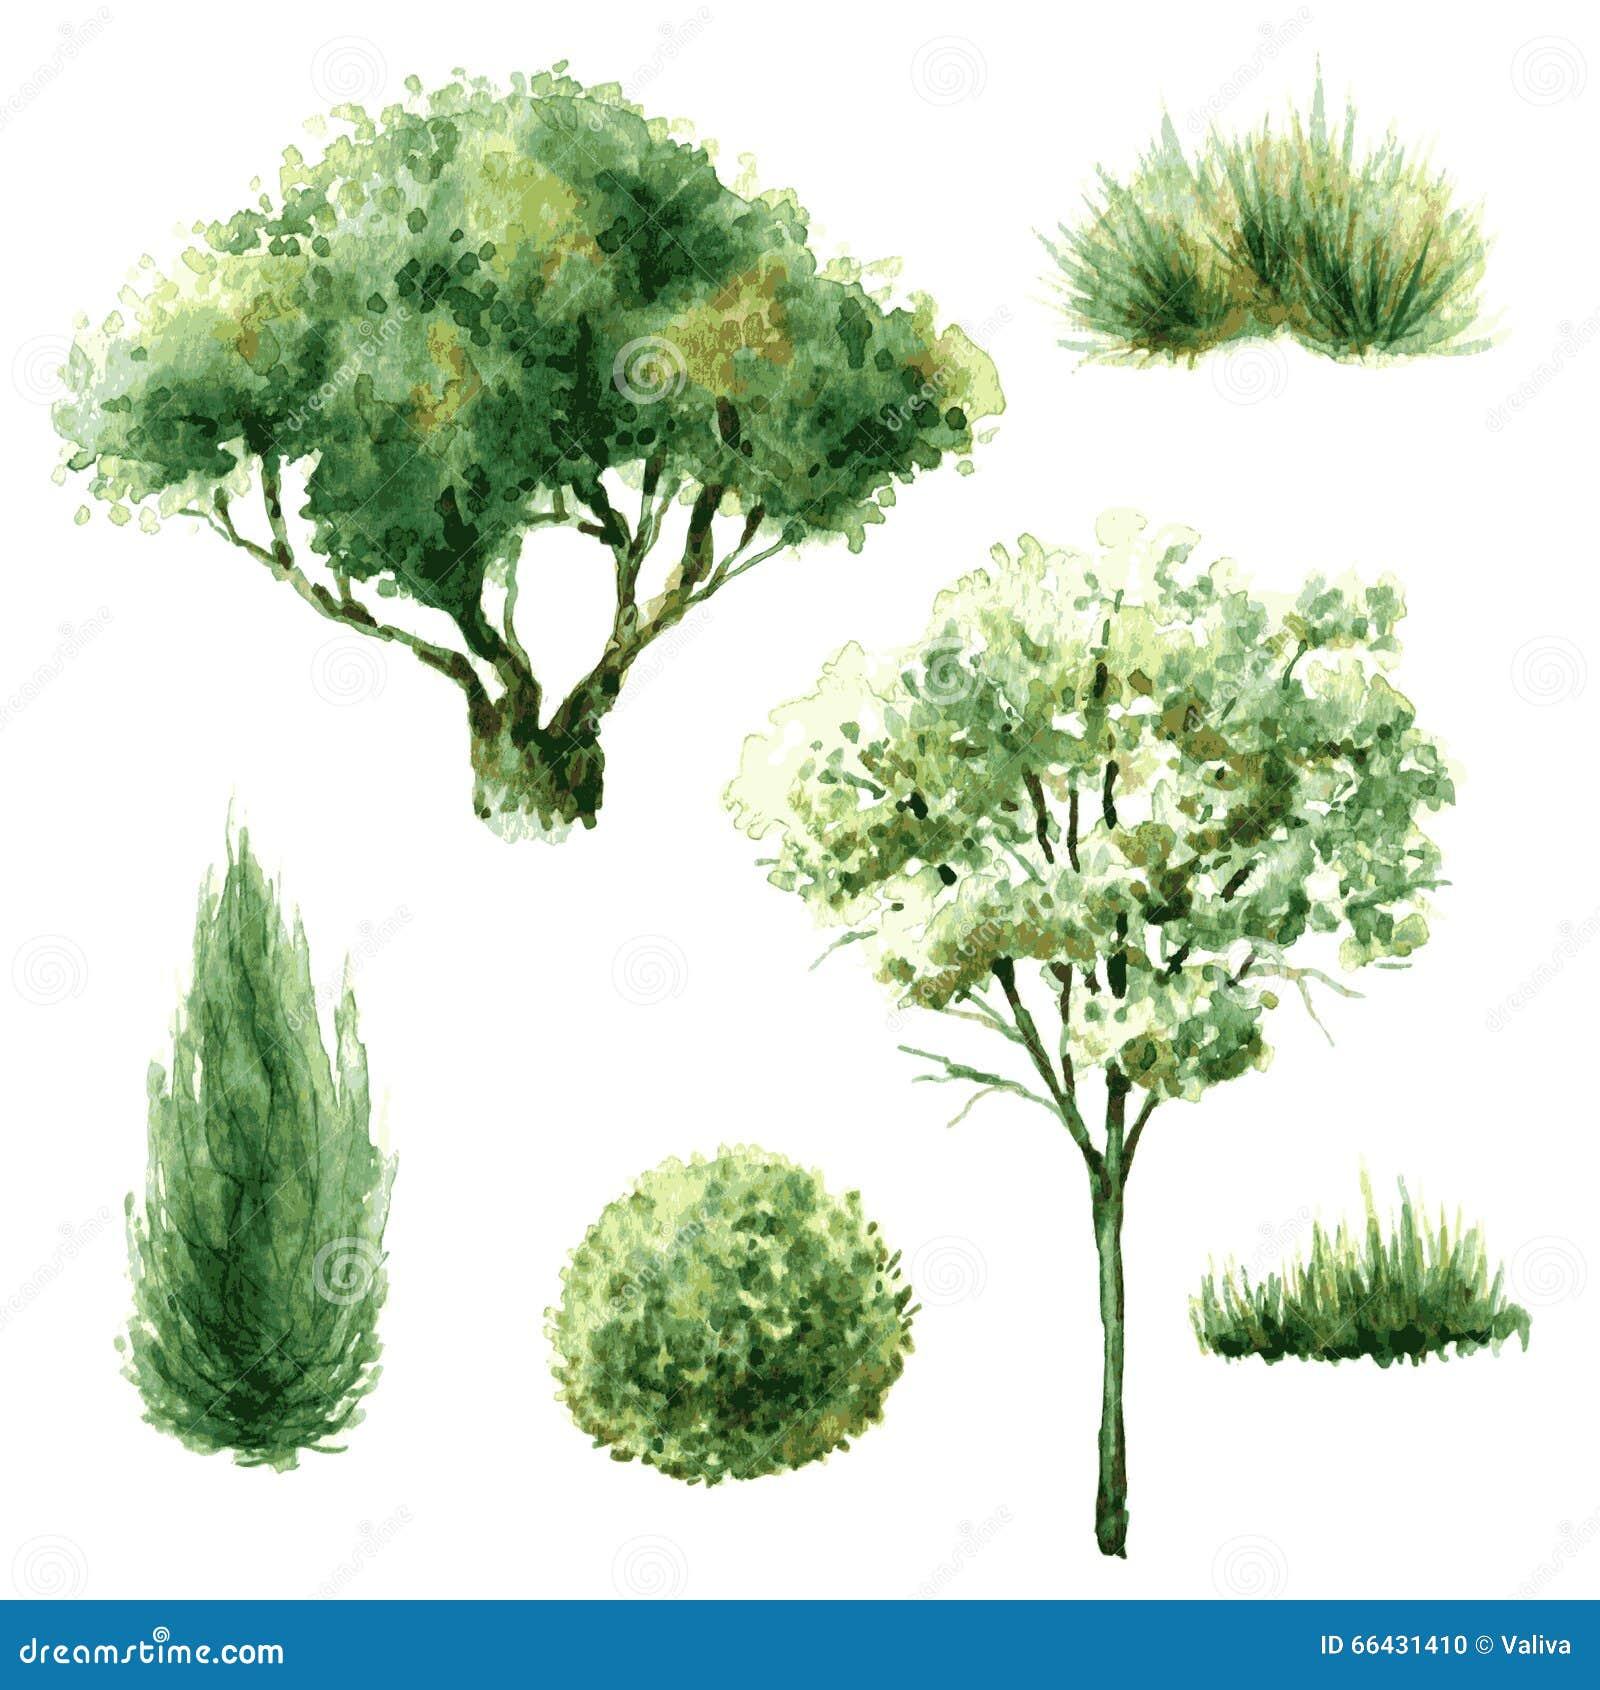 Sistema de rboles y de arbustos verdes ilustraci n del - Arboles y arbustos ...